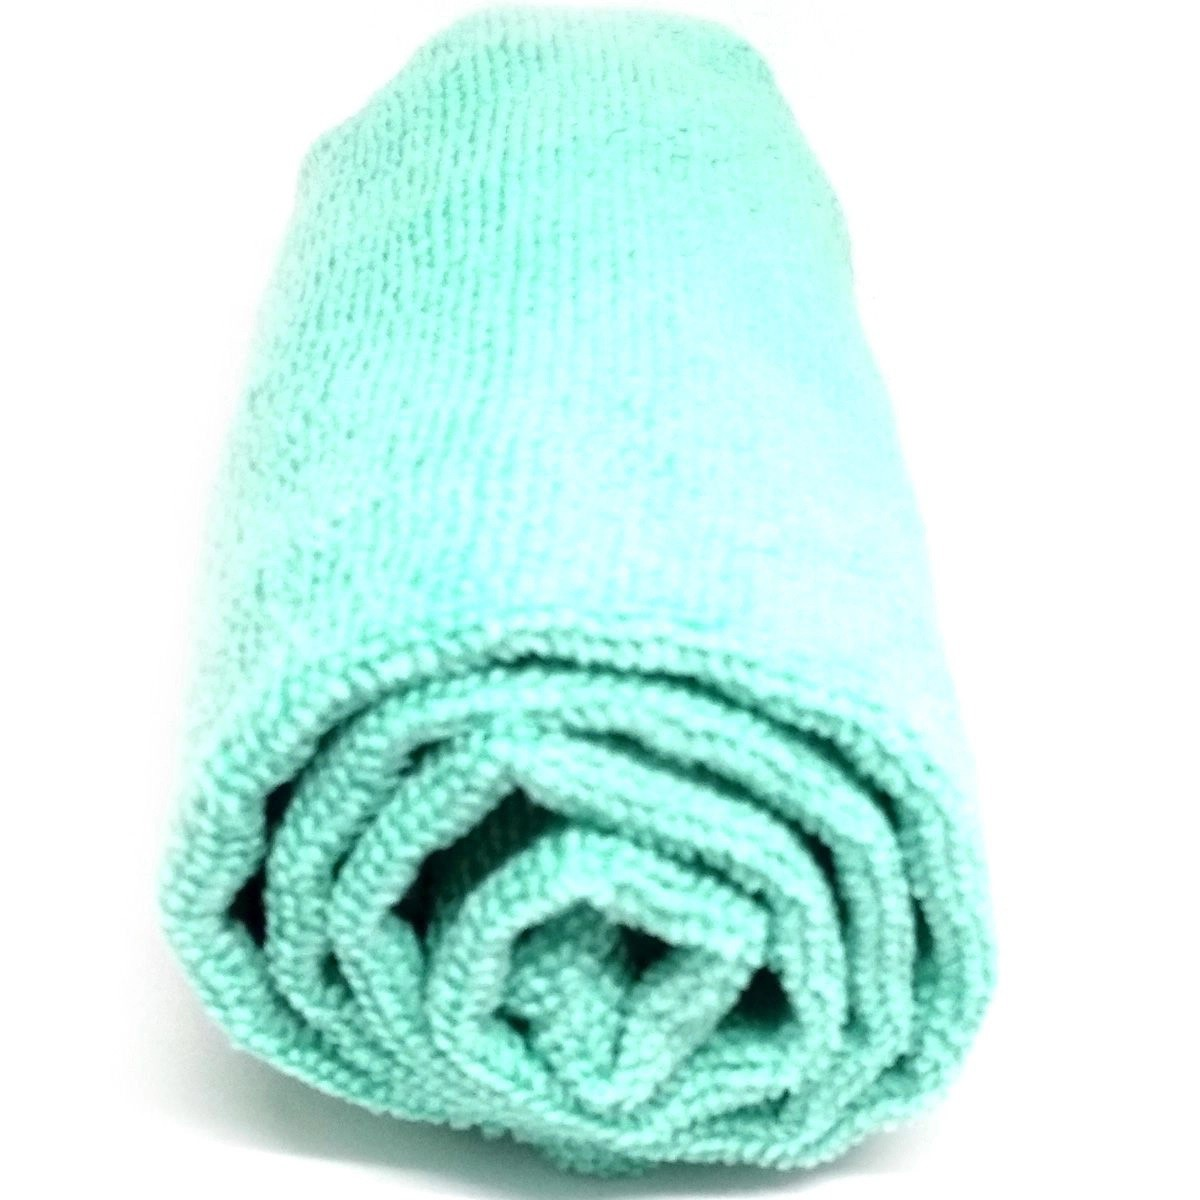 Toalha de Microfibra - Tamanho P - Verde Água